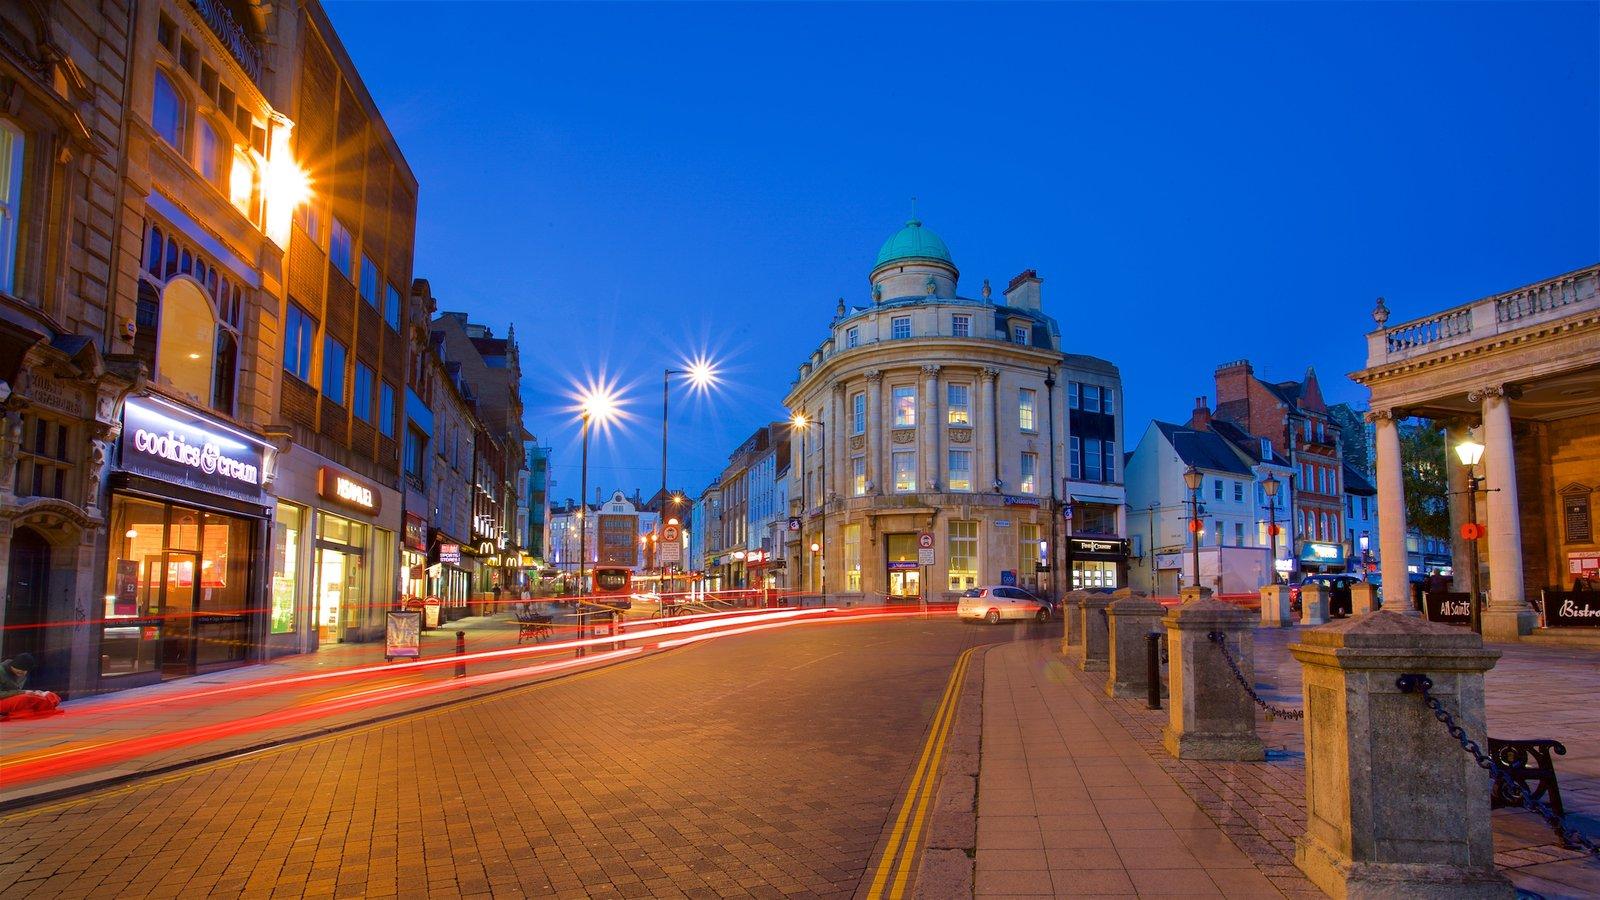 Northampton mostrando arquitetura de patrimônio, uma cidade e cenas noturnas